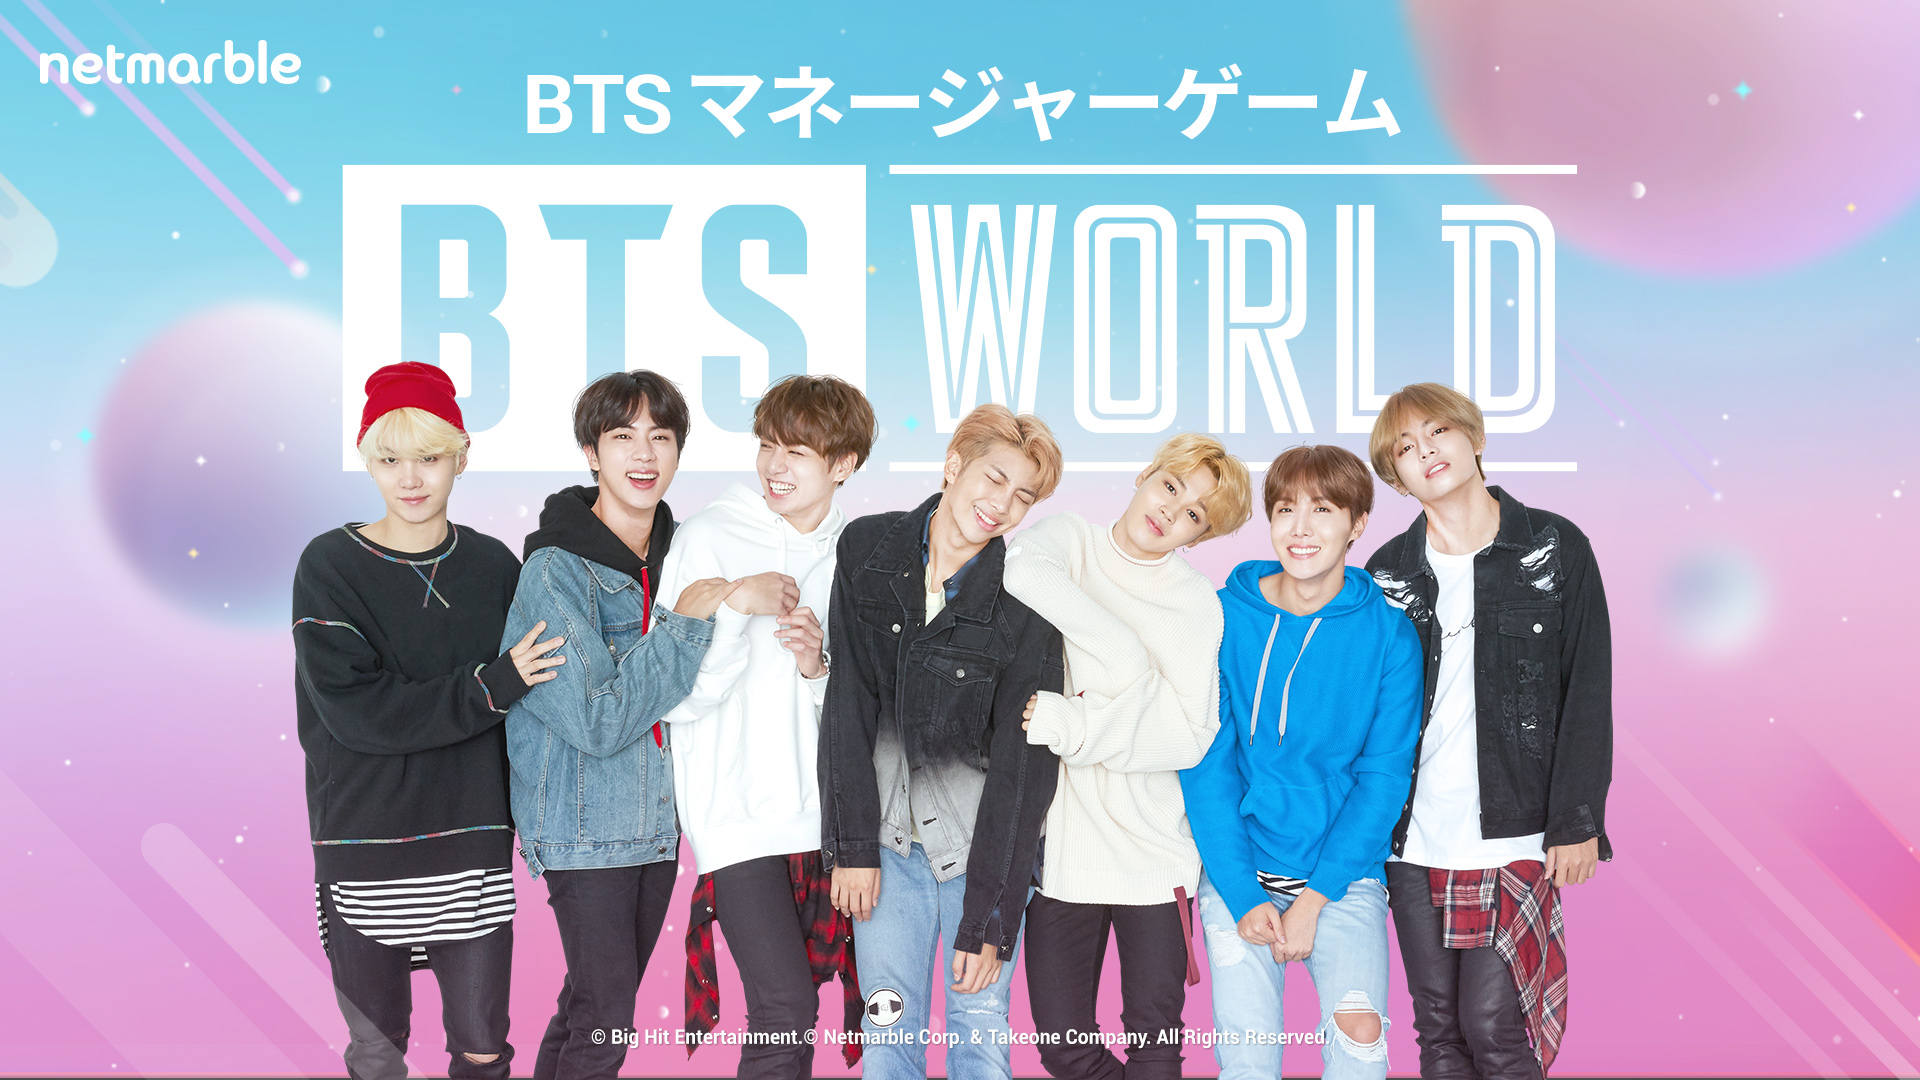 ネットマーブル、新作モバイルゲーム『BTS WORLD』6月26日正式リリース決定